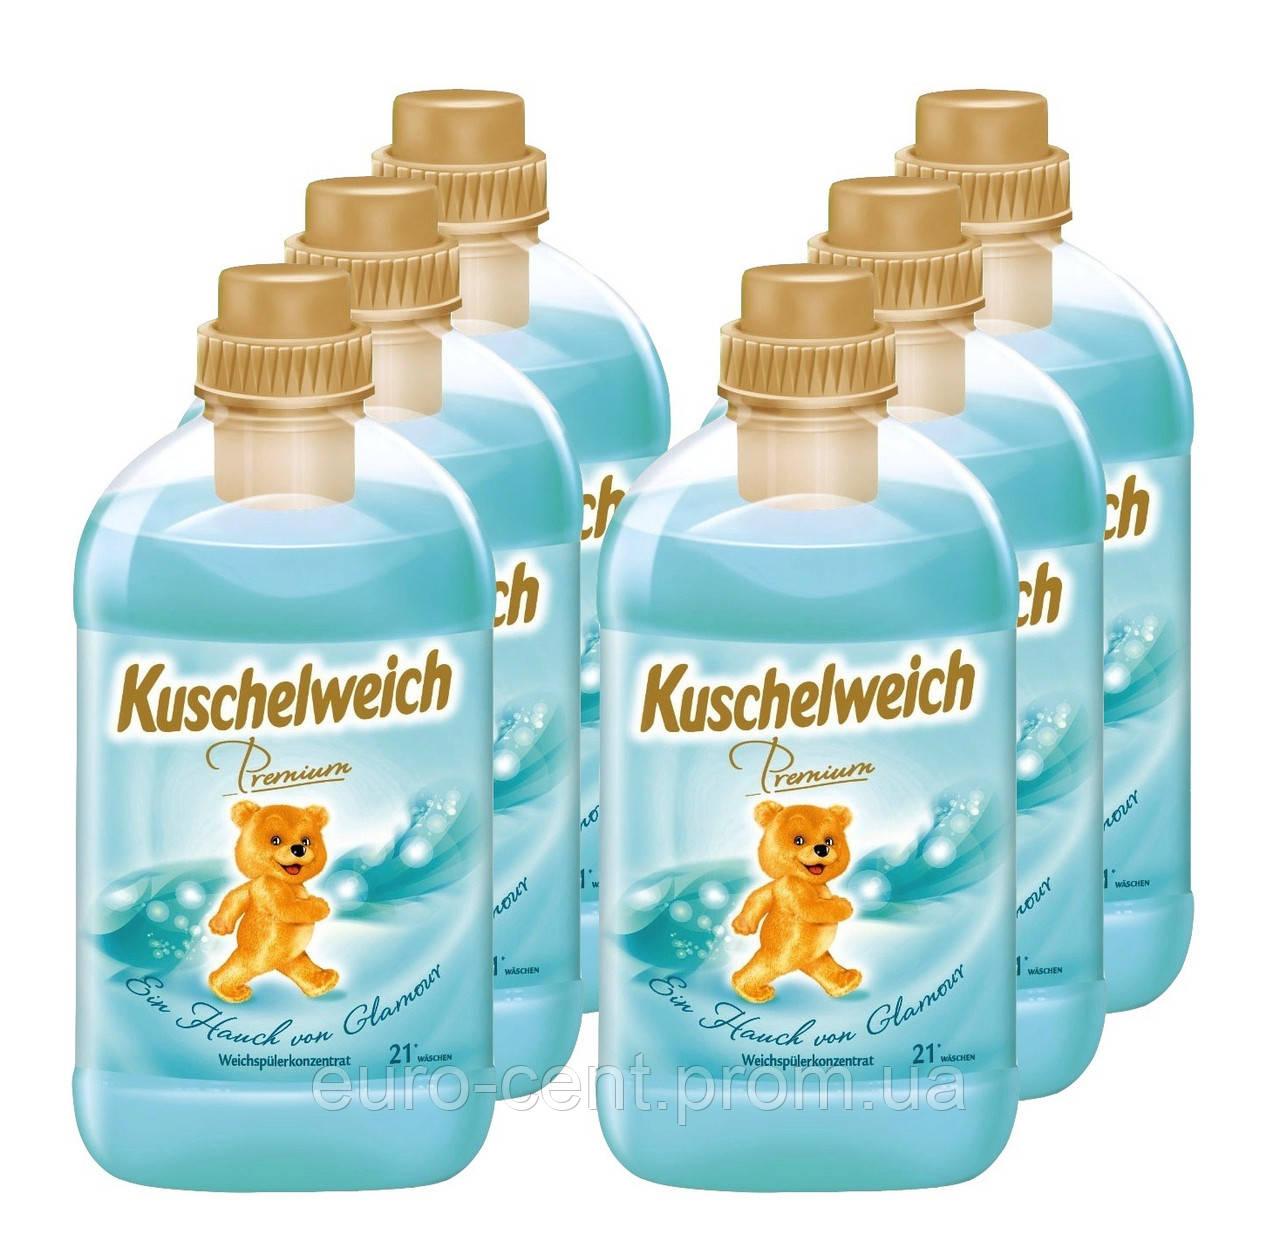 Кондиционер-ополаскиватель для белья Kuschelweich (Мишка) Premium Нотка гламура